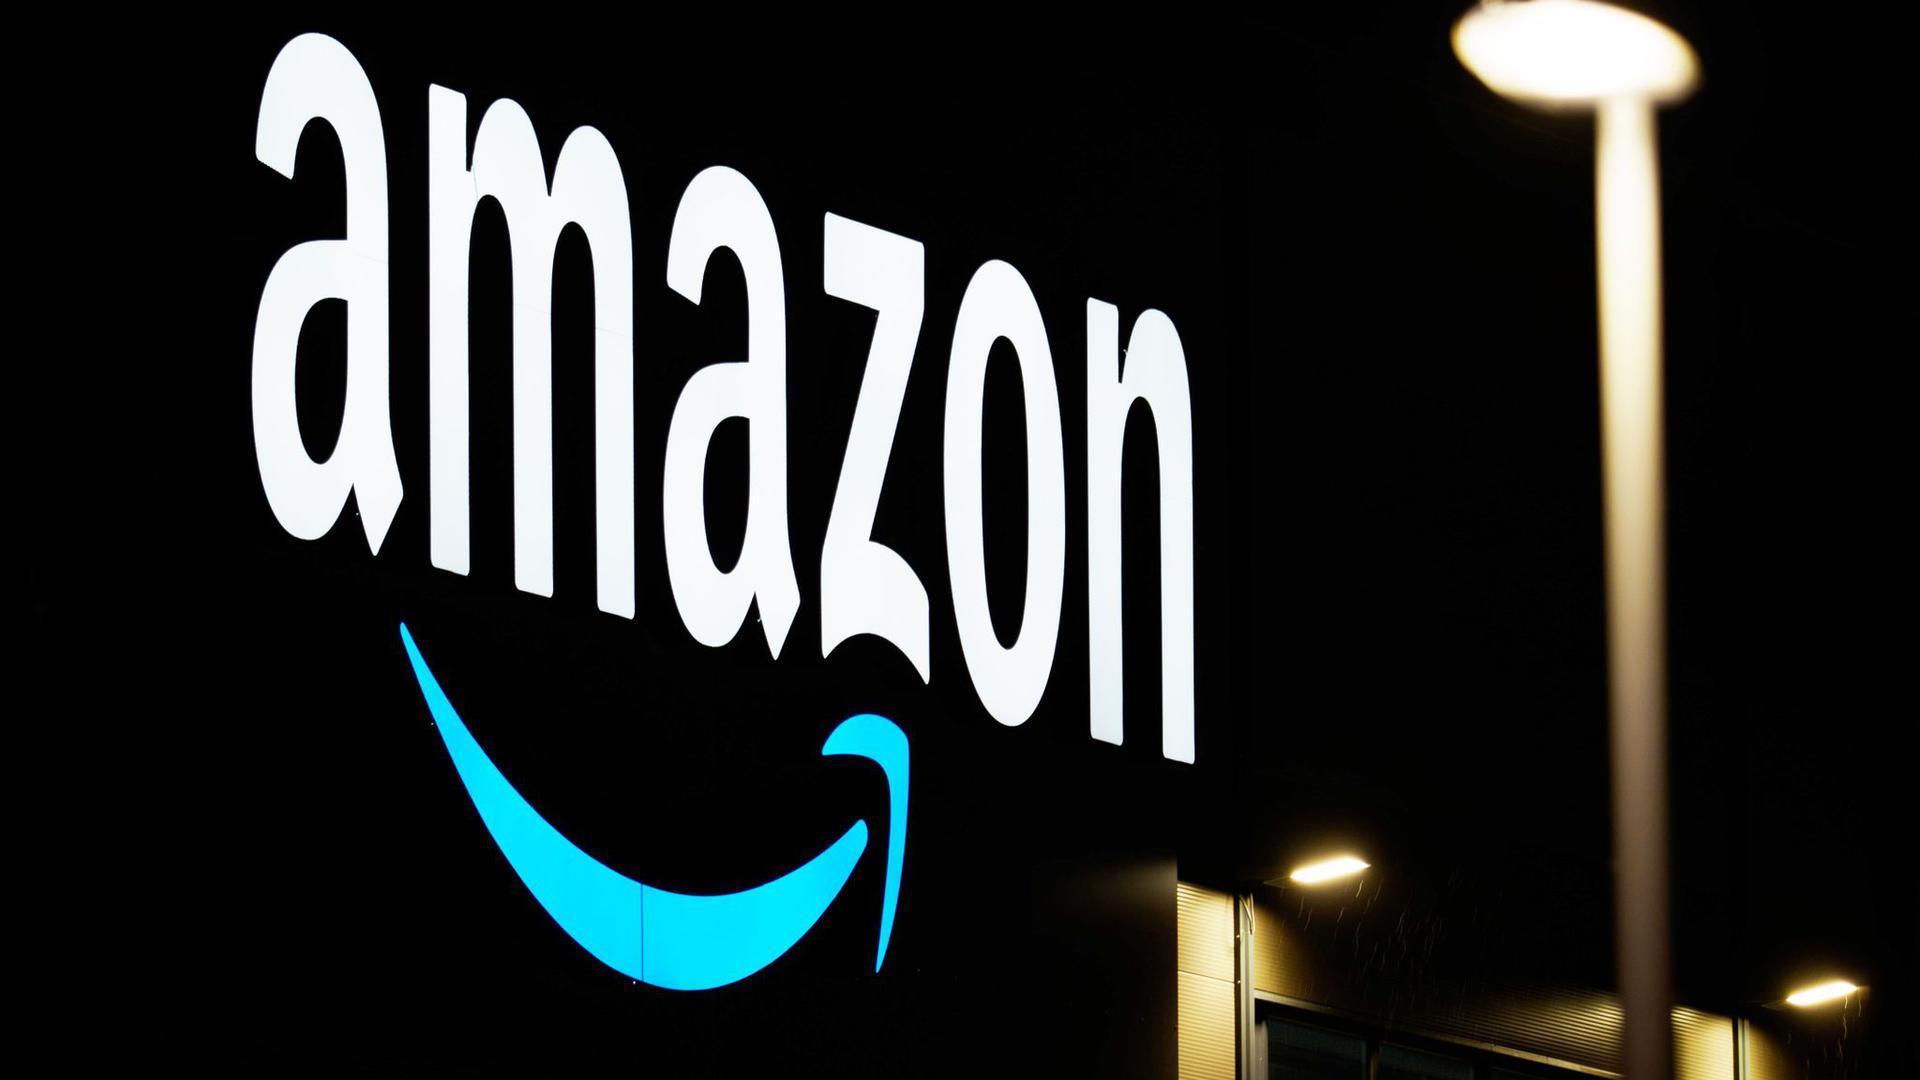 Der Internet-Handelsriese Amazon streckt seine Fühler nach Baden-Baden-Haueneberstein aus und prüft dort die Ansiedlung eines Verteilzentrums.